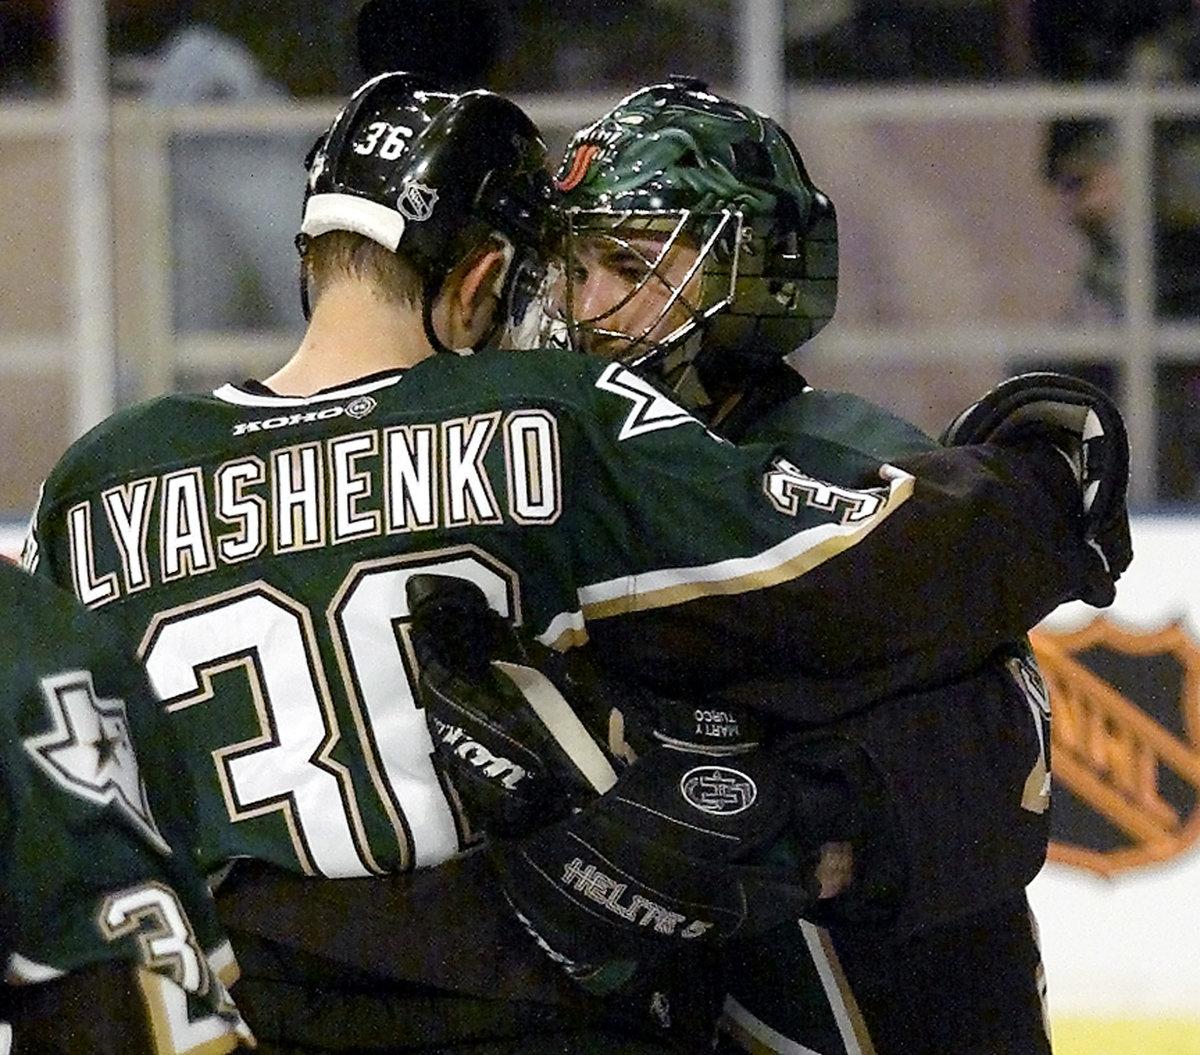 Загадочная смерть русского форварда. В17 лет набирал очки нехуже Малкина, нопосле НХЛ все закончилось трагедией